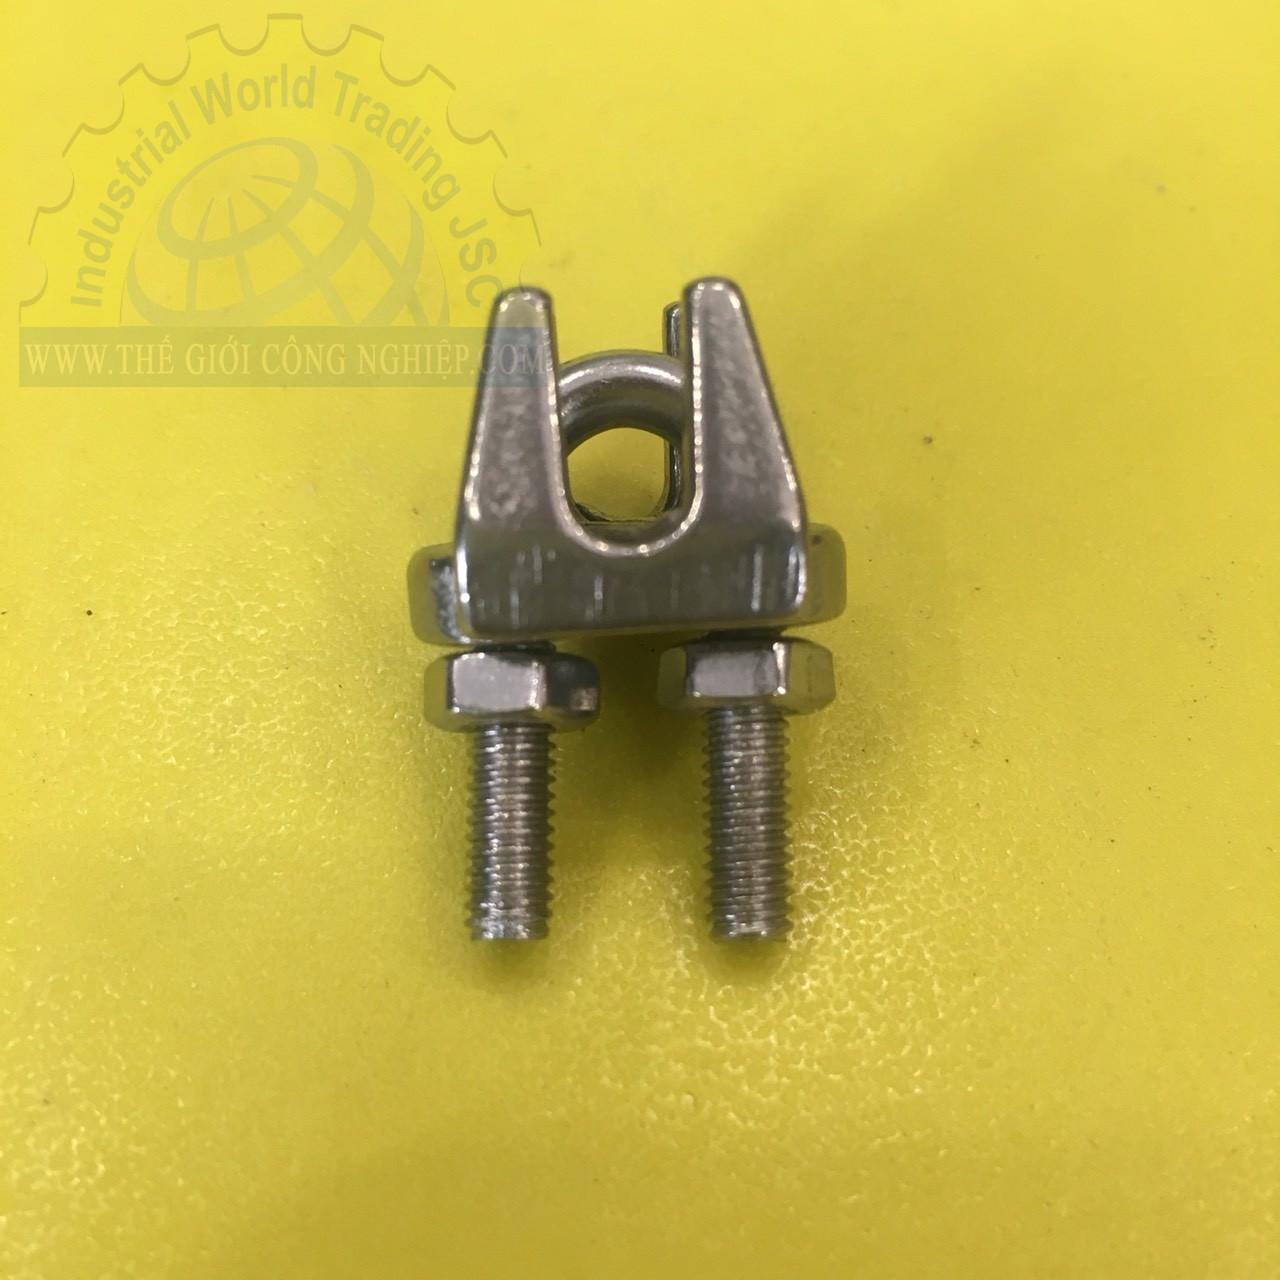 Ốc siết cáp mạ kẽm phi 4  TGCN- 45552 OEM-2328